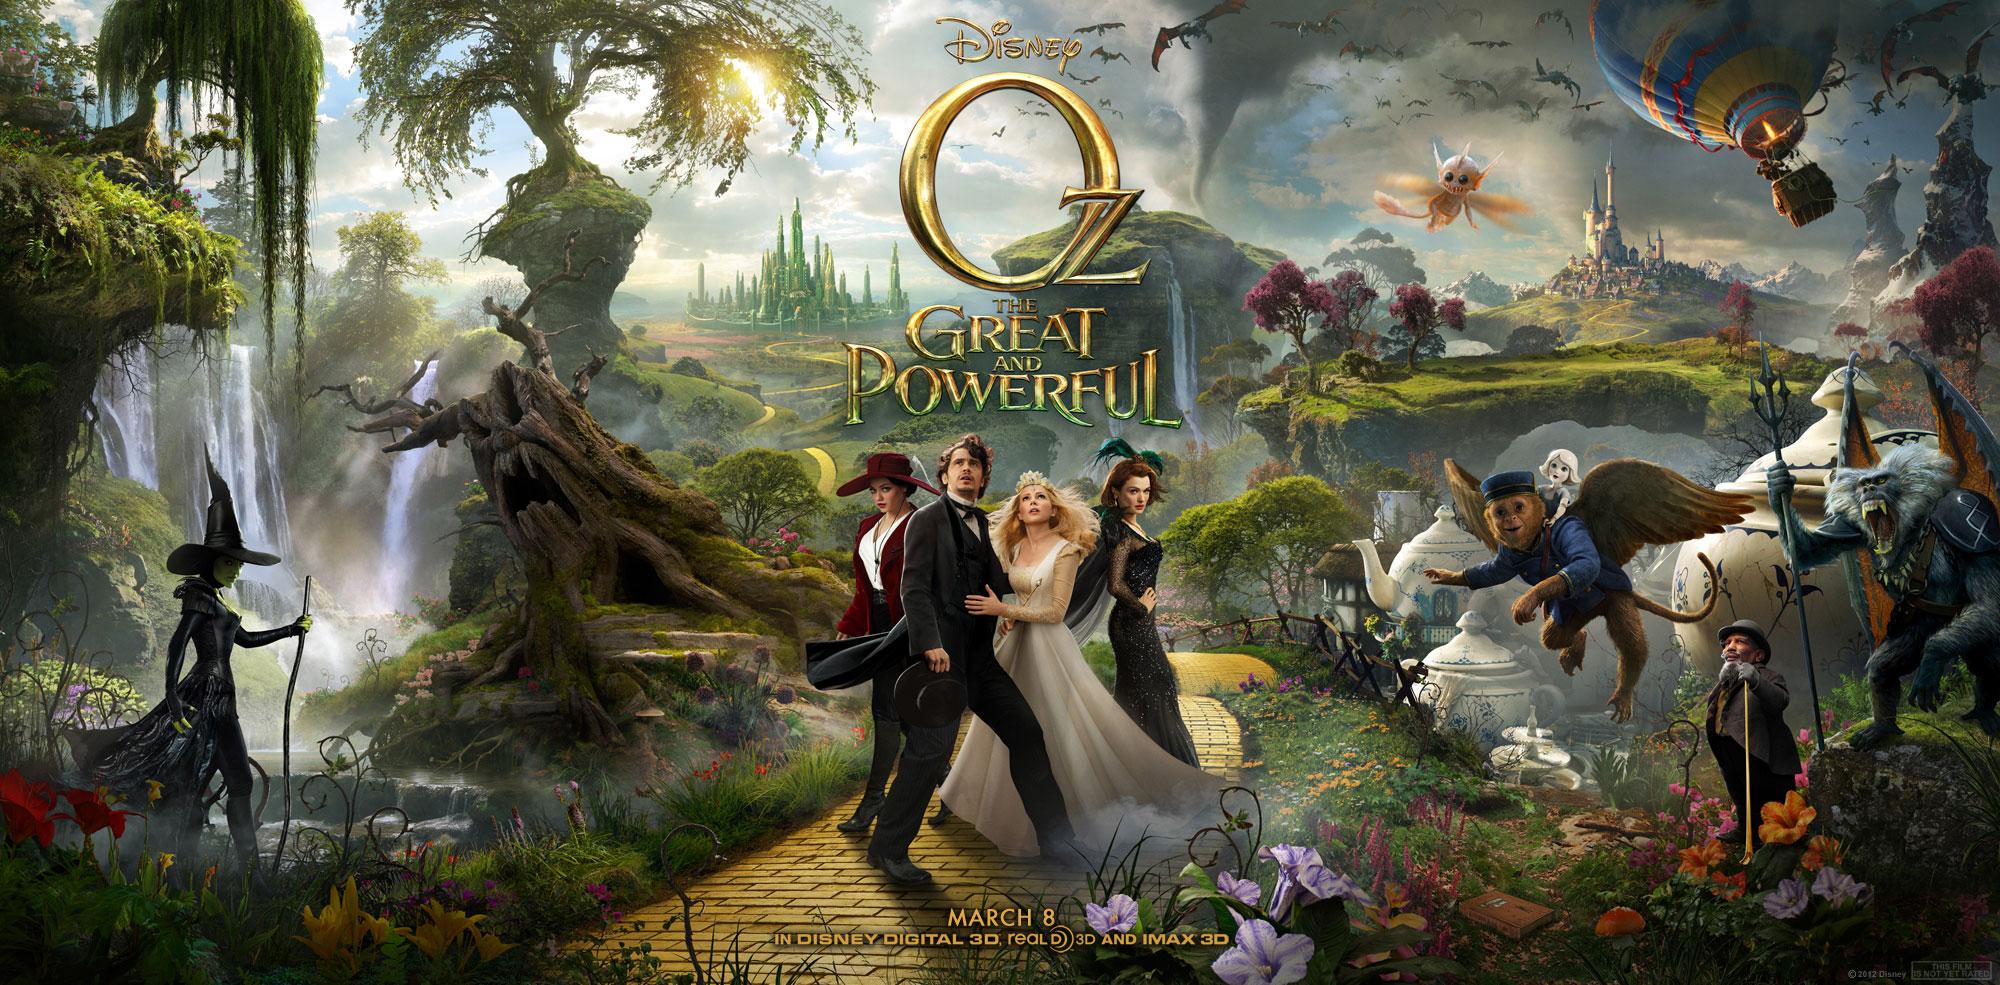 [Disney] Le Monde Fantastique d'Oz (13 mars 2013) - Page 4 OZ-TRIPTYCH-DEBUT-jpg_171009